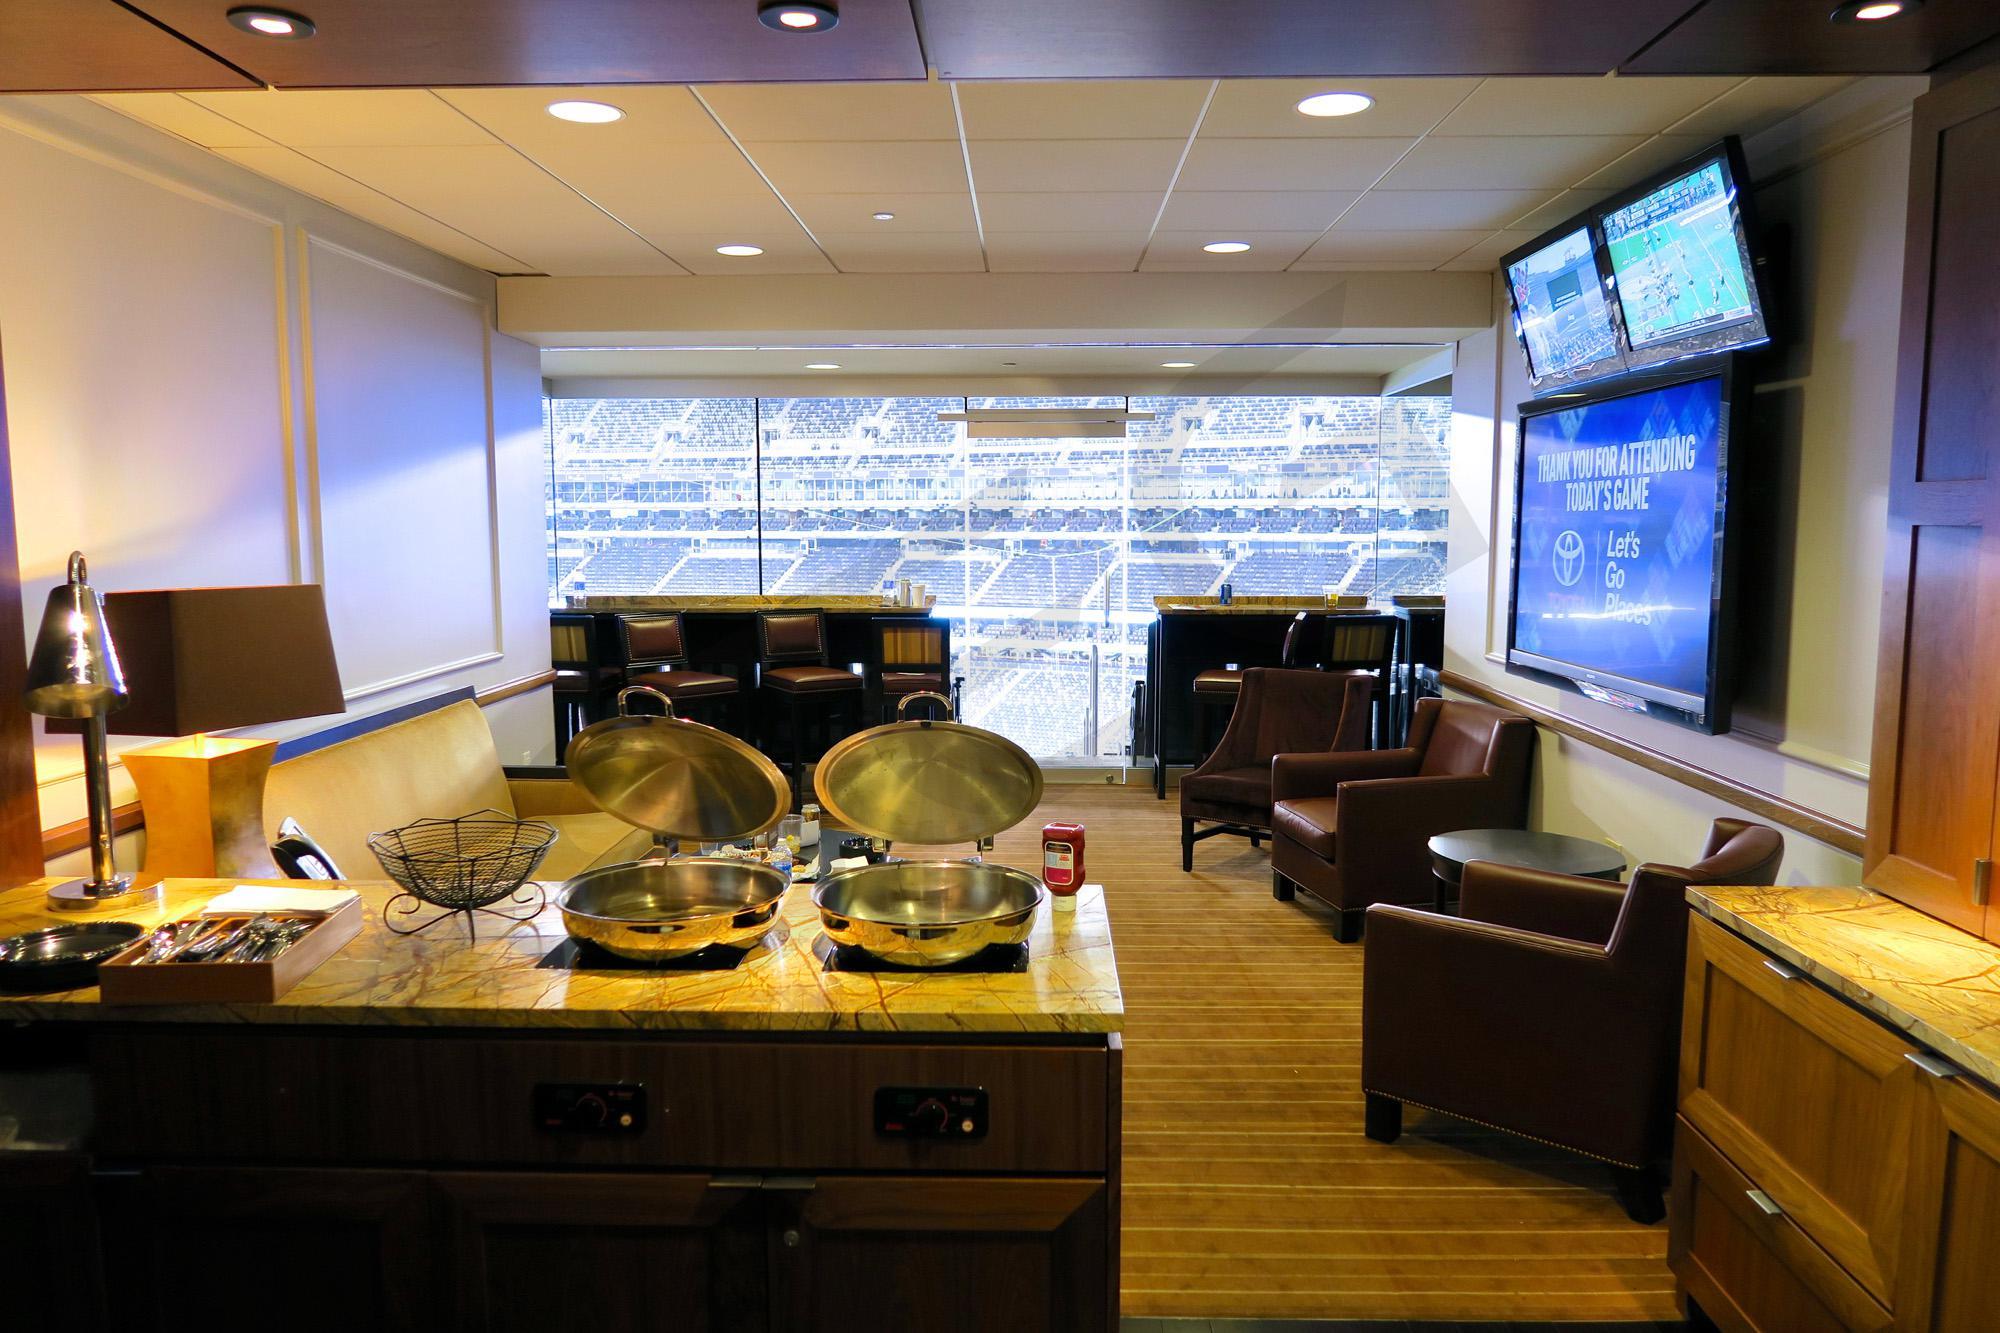 New York Giants Suite Rentals Metlife Stadium Suite